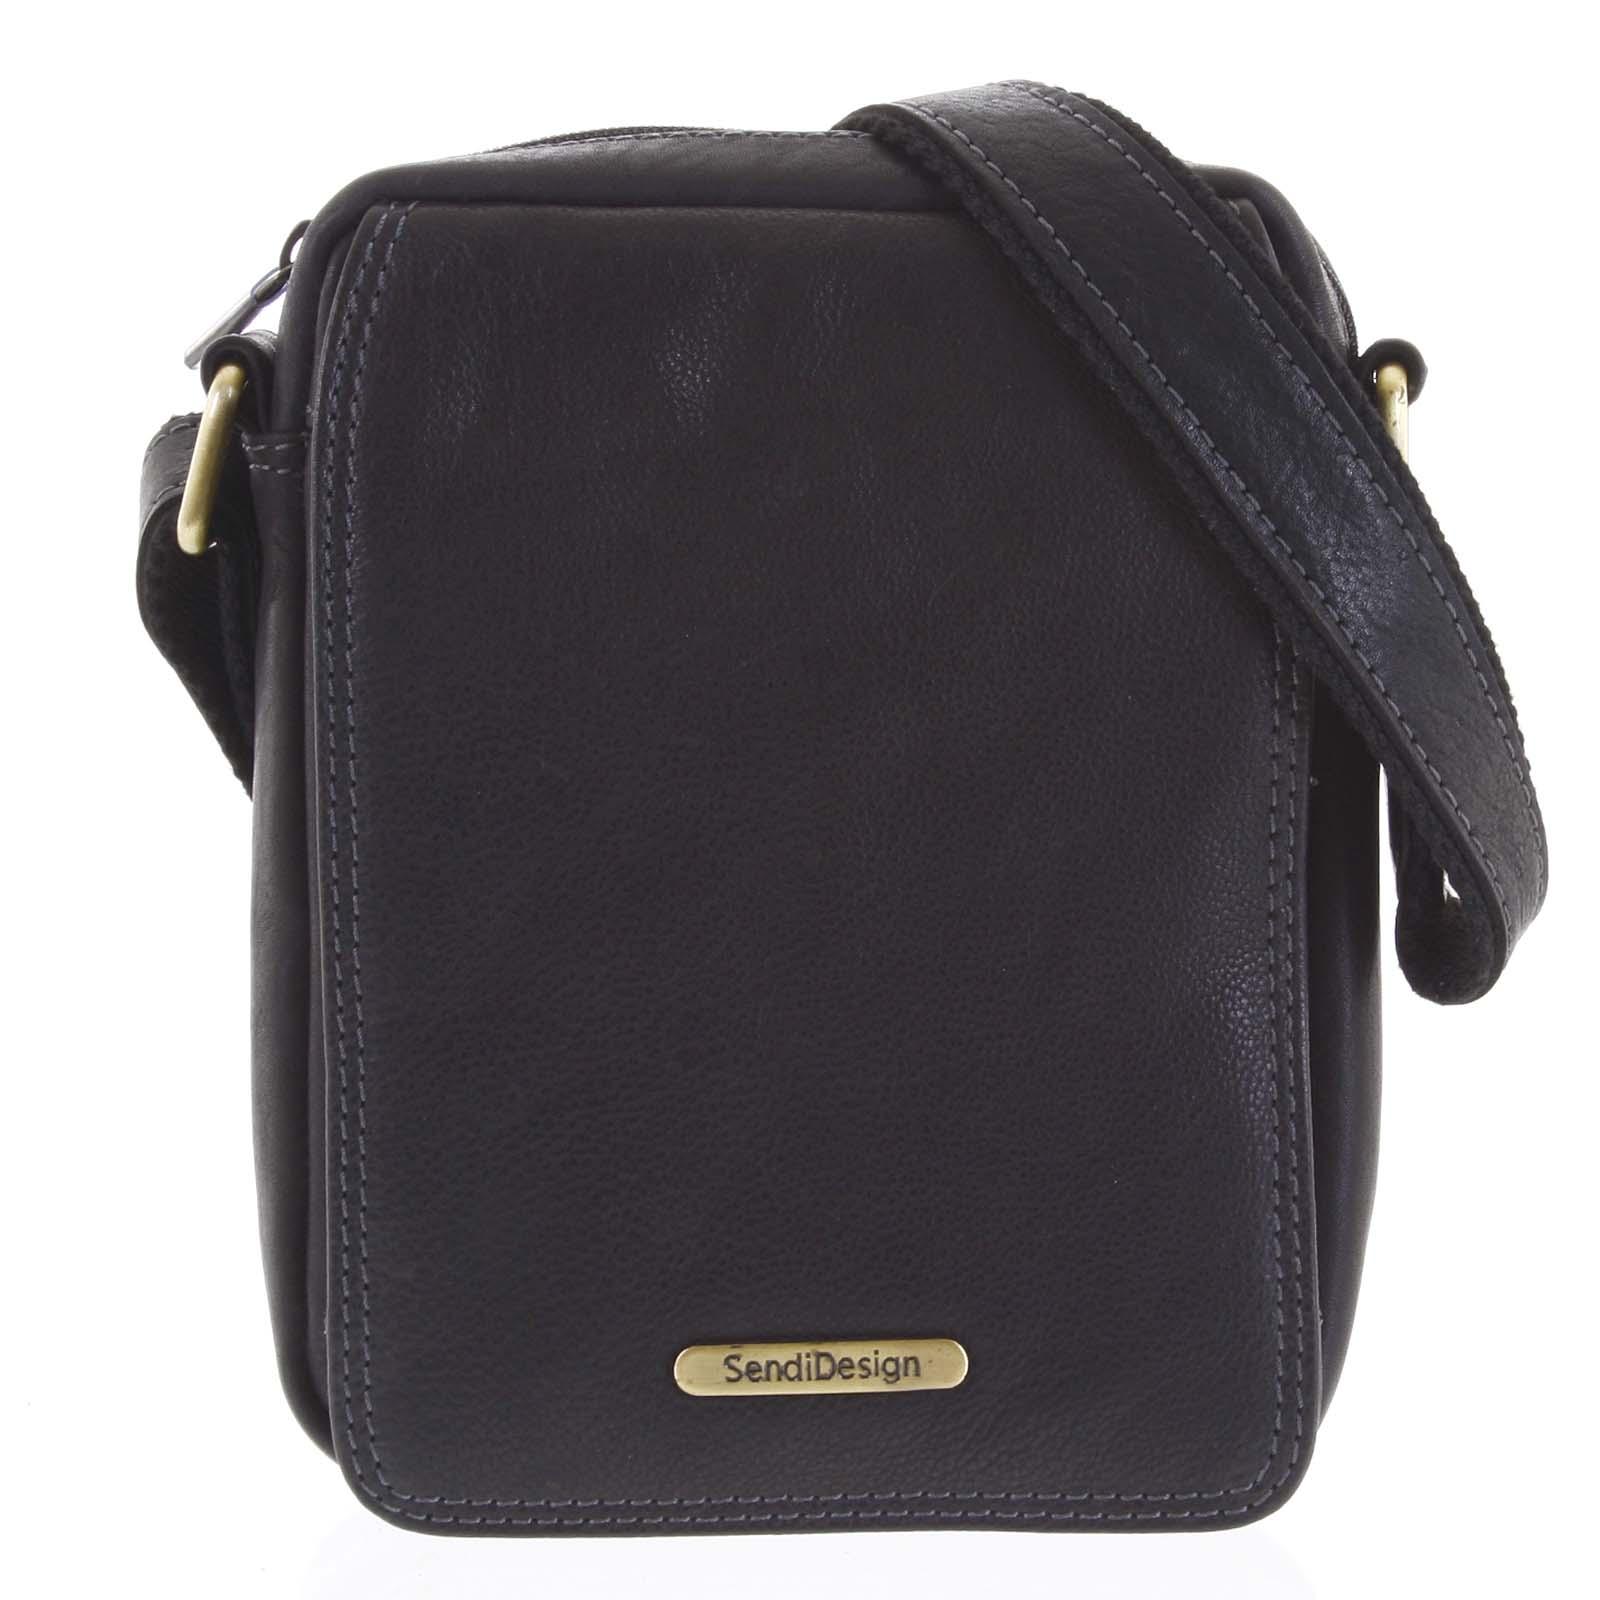 Pánská kožená taška na doklady přes rameno černá - SendiDesign Dumont New černá